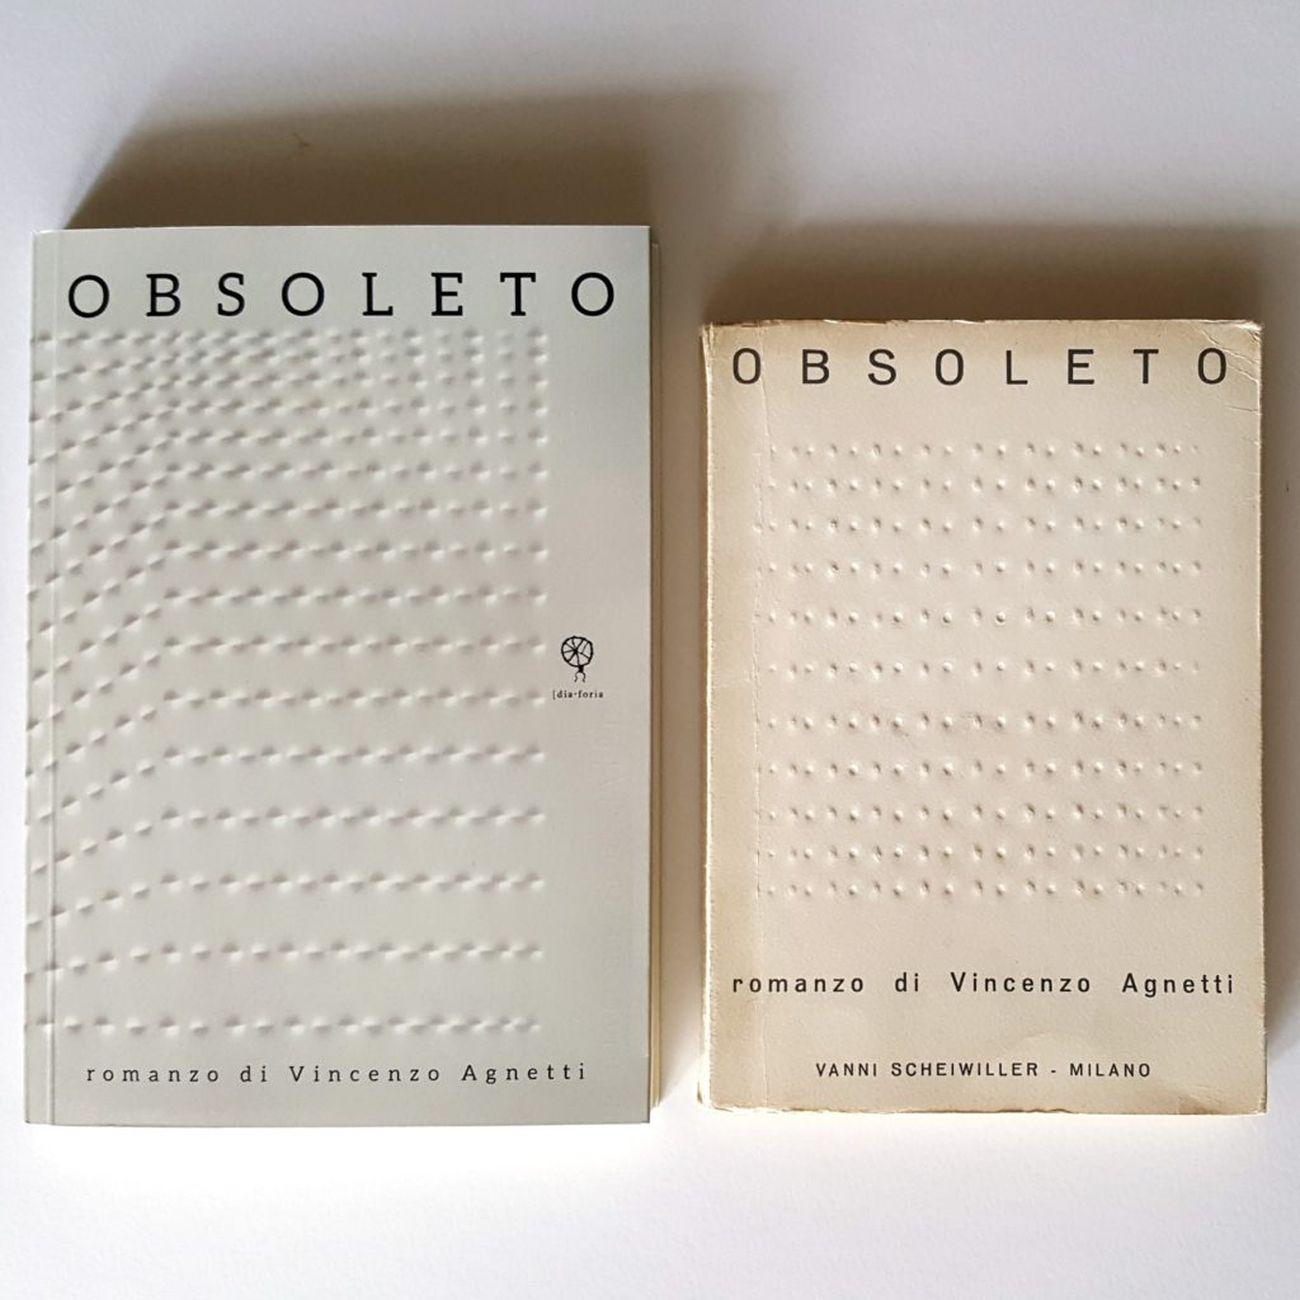 Obsoleto di Vincenzo Agnetti nelle due edizioni del 1967 e del 2017